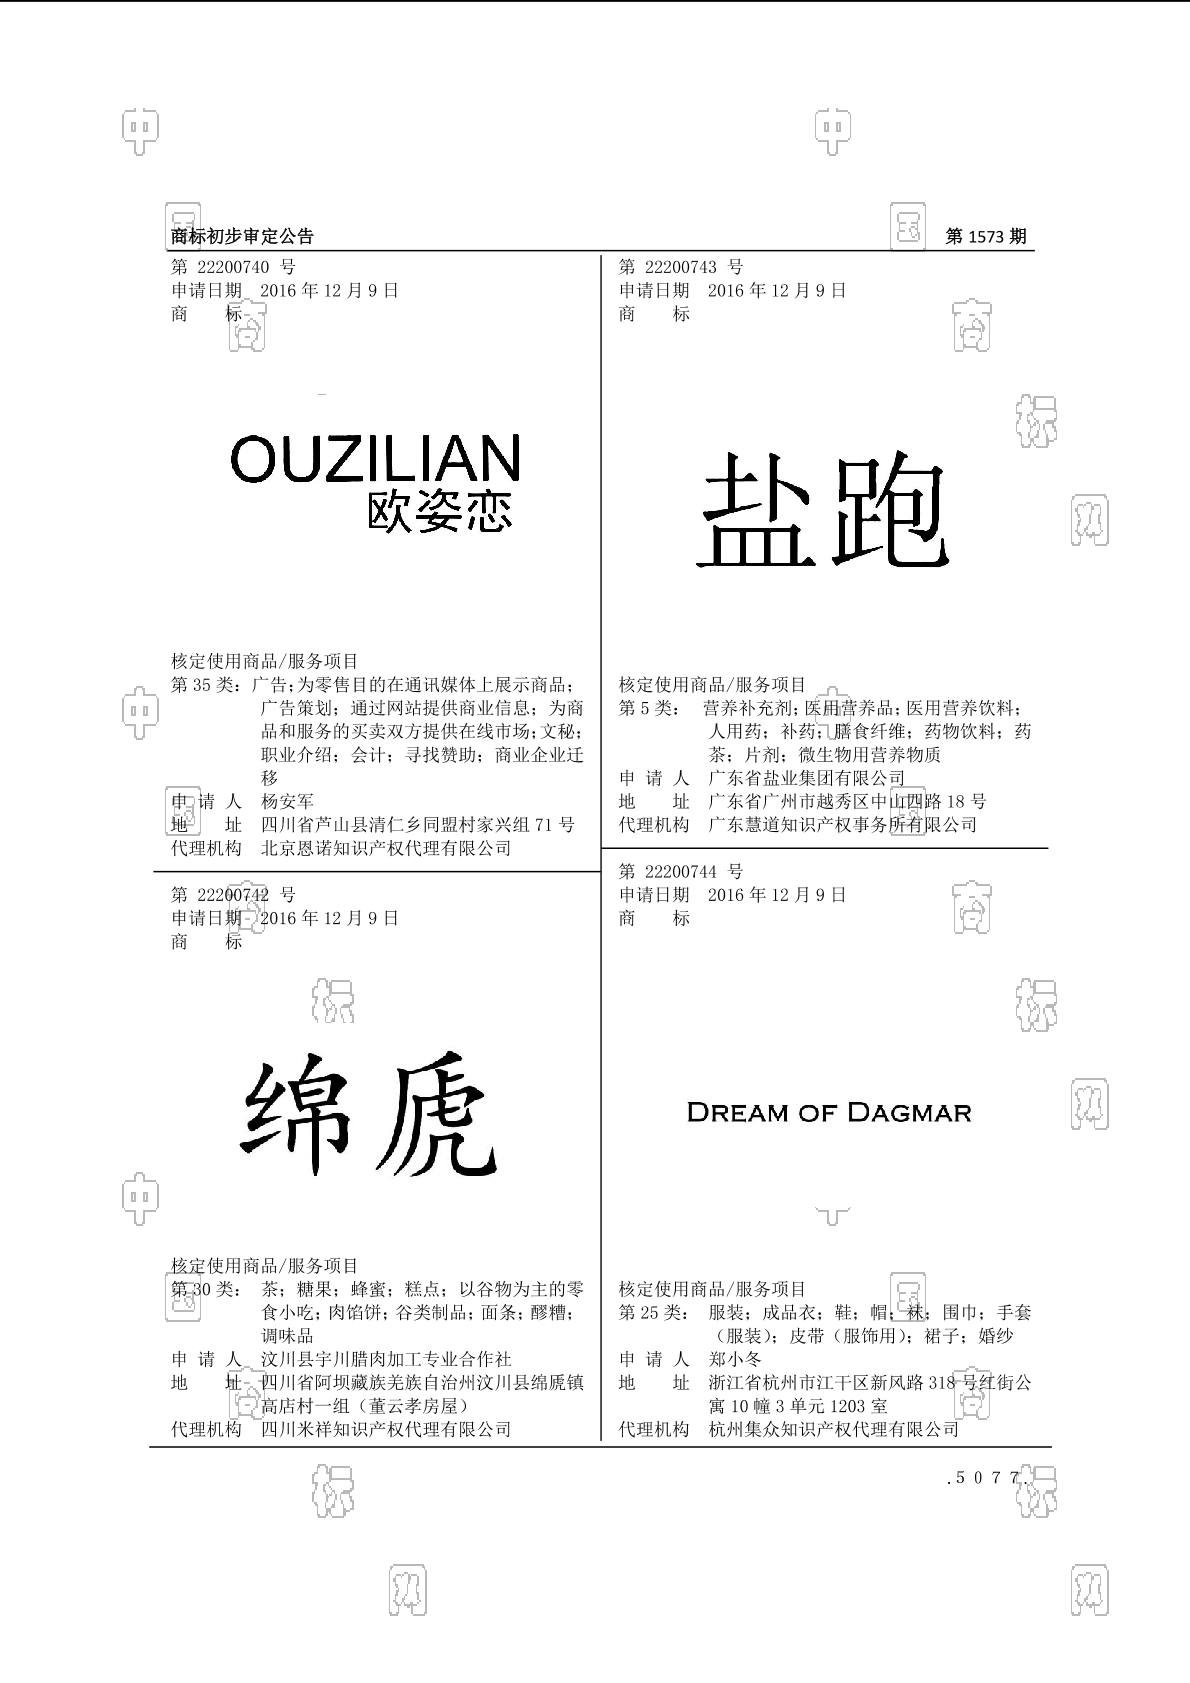 【社标网】欧姿恋商标状态注册号信息 杨安军商标信息-商标查询